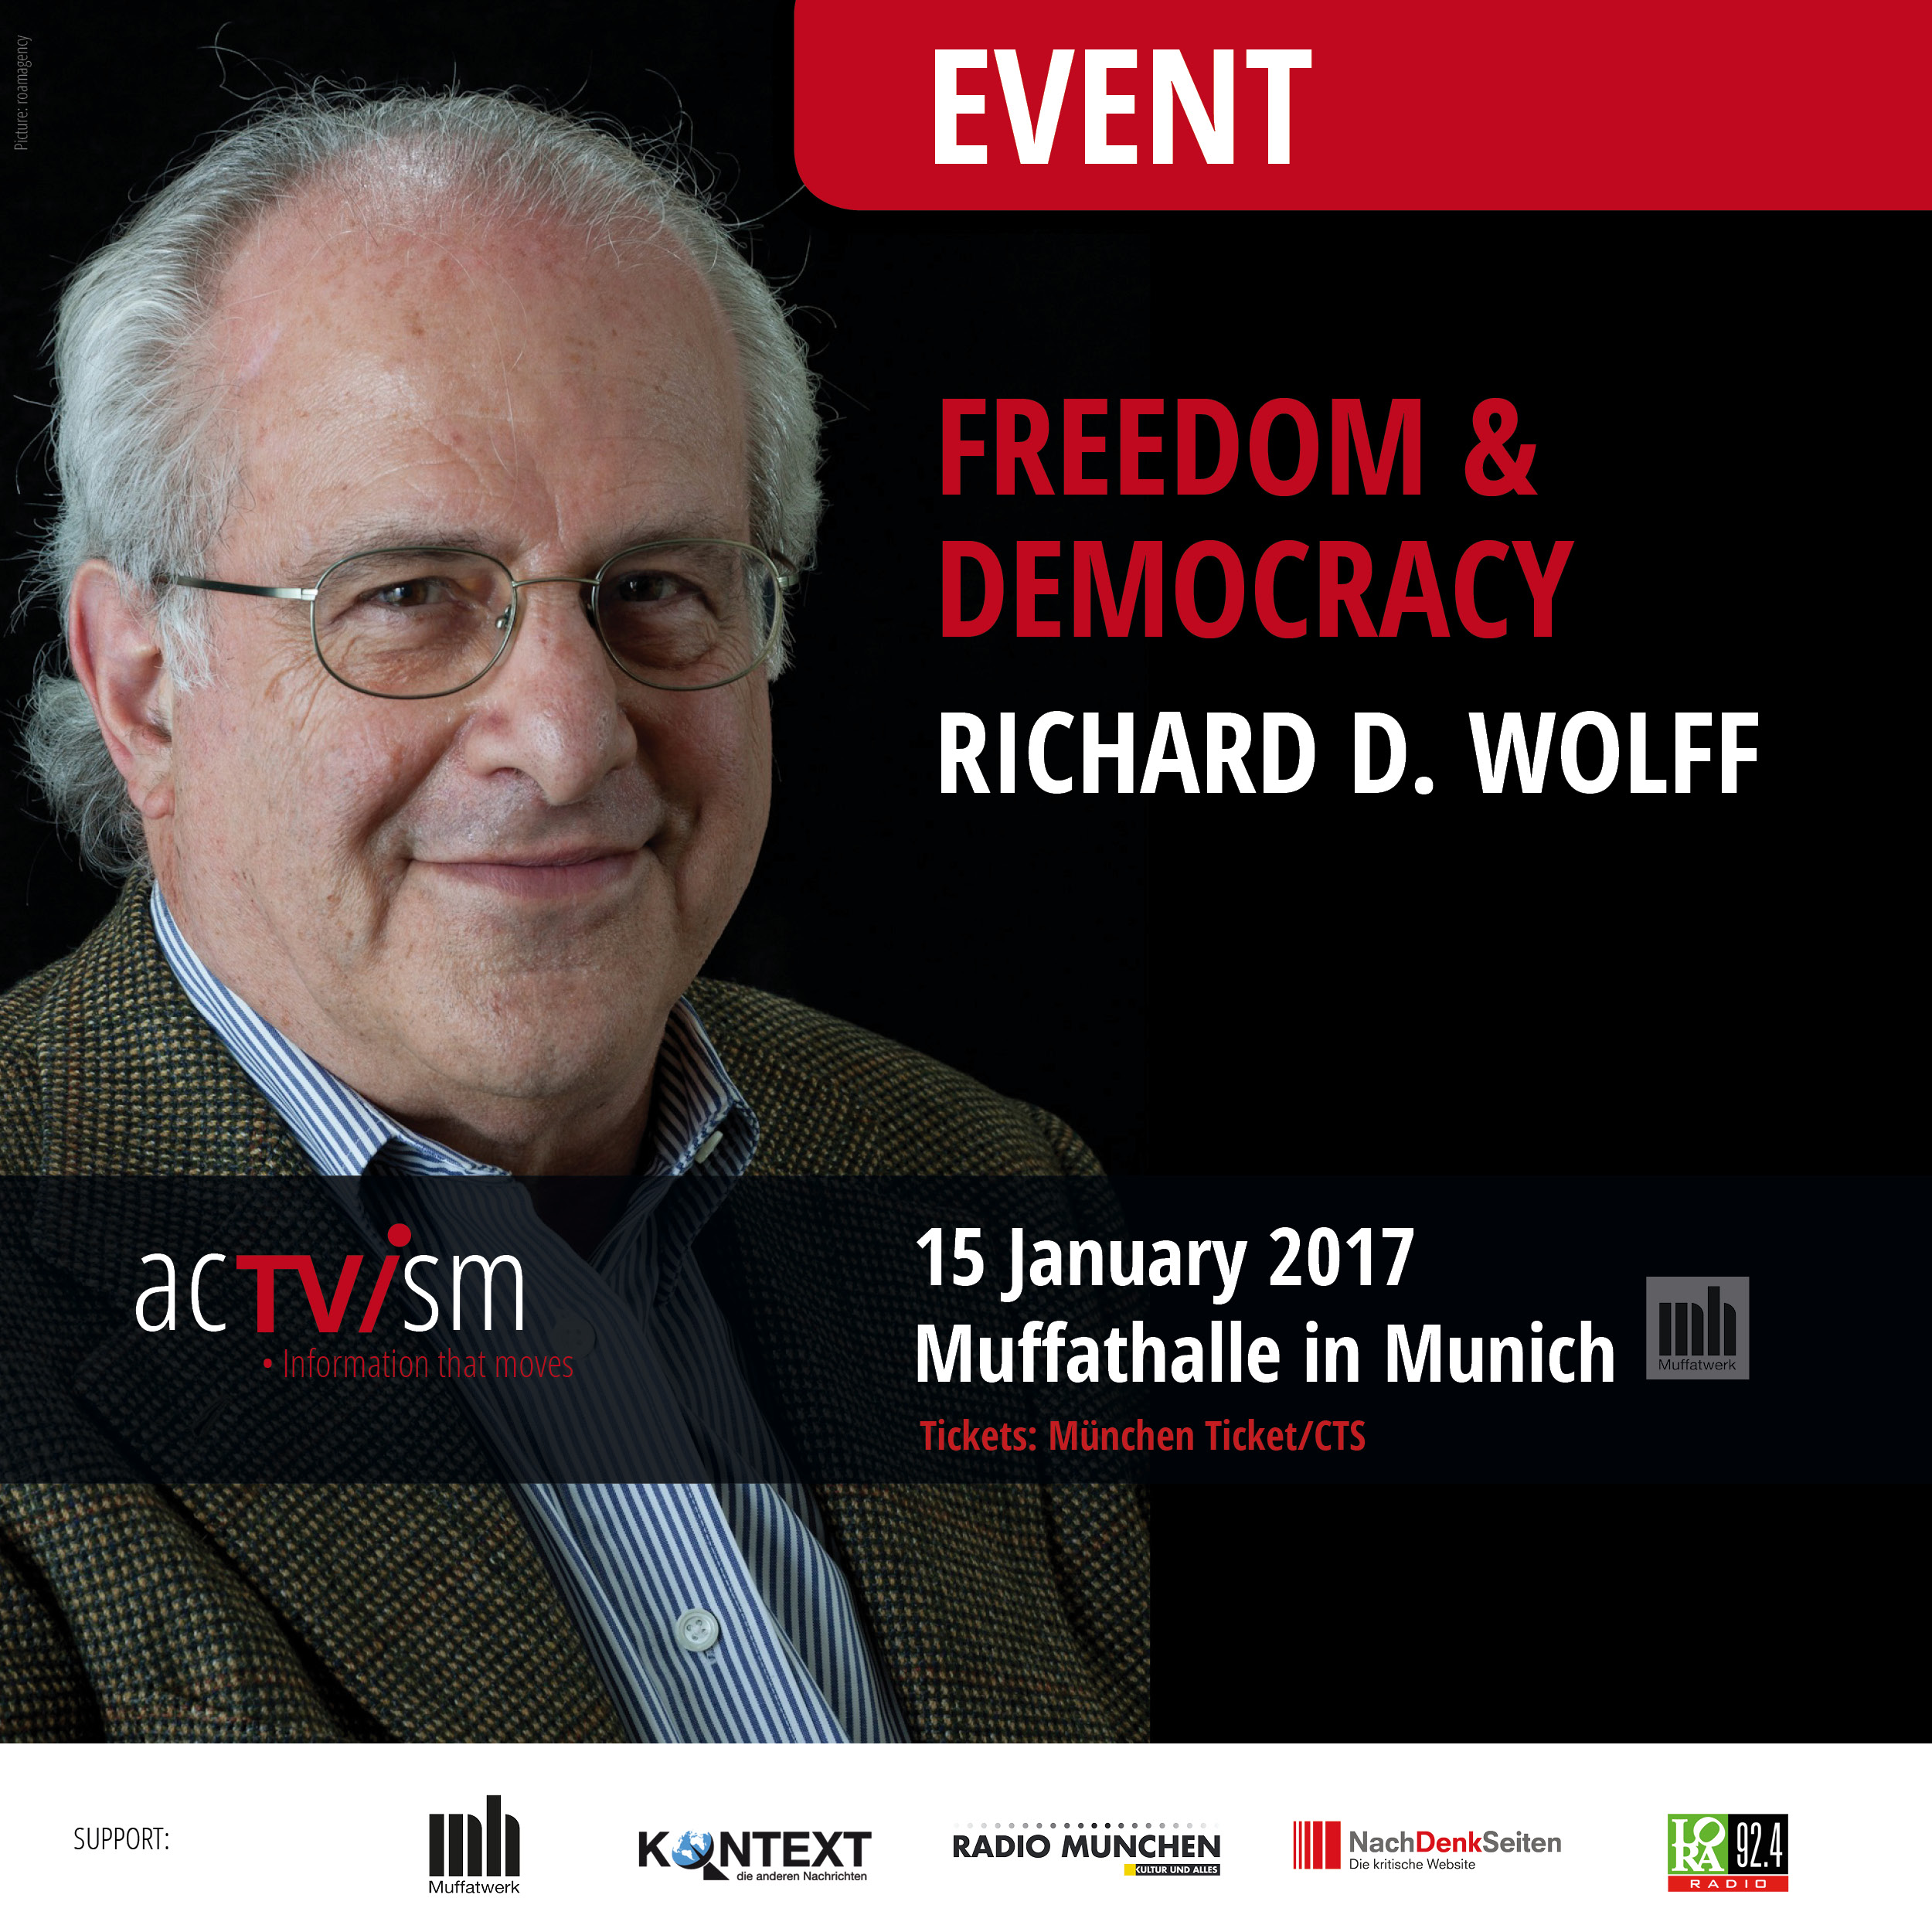 actvismmunich_wolff